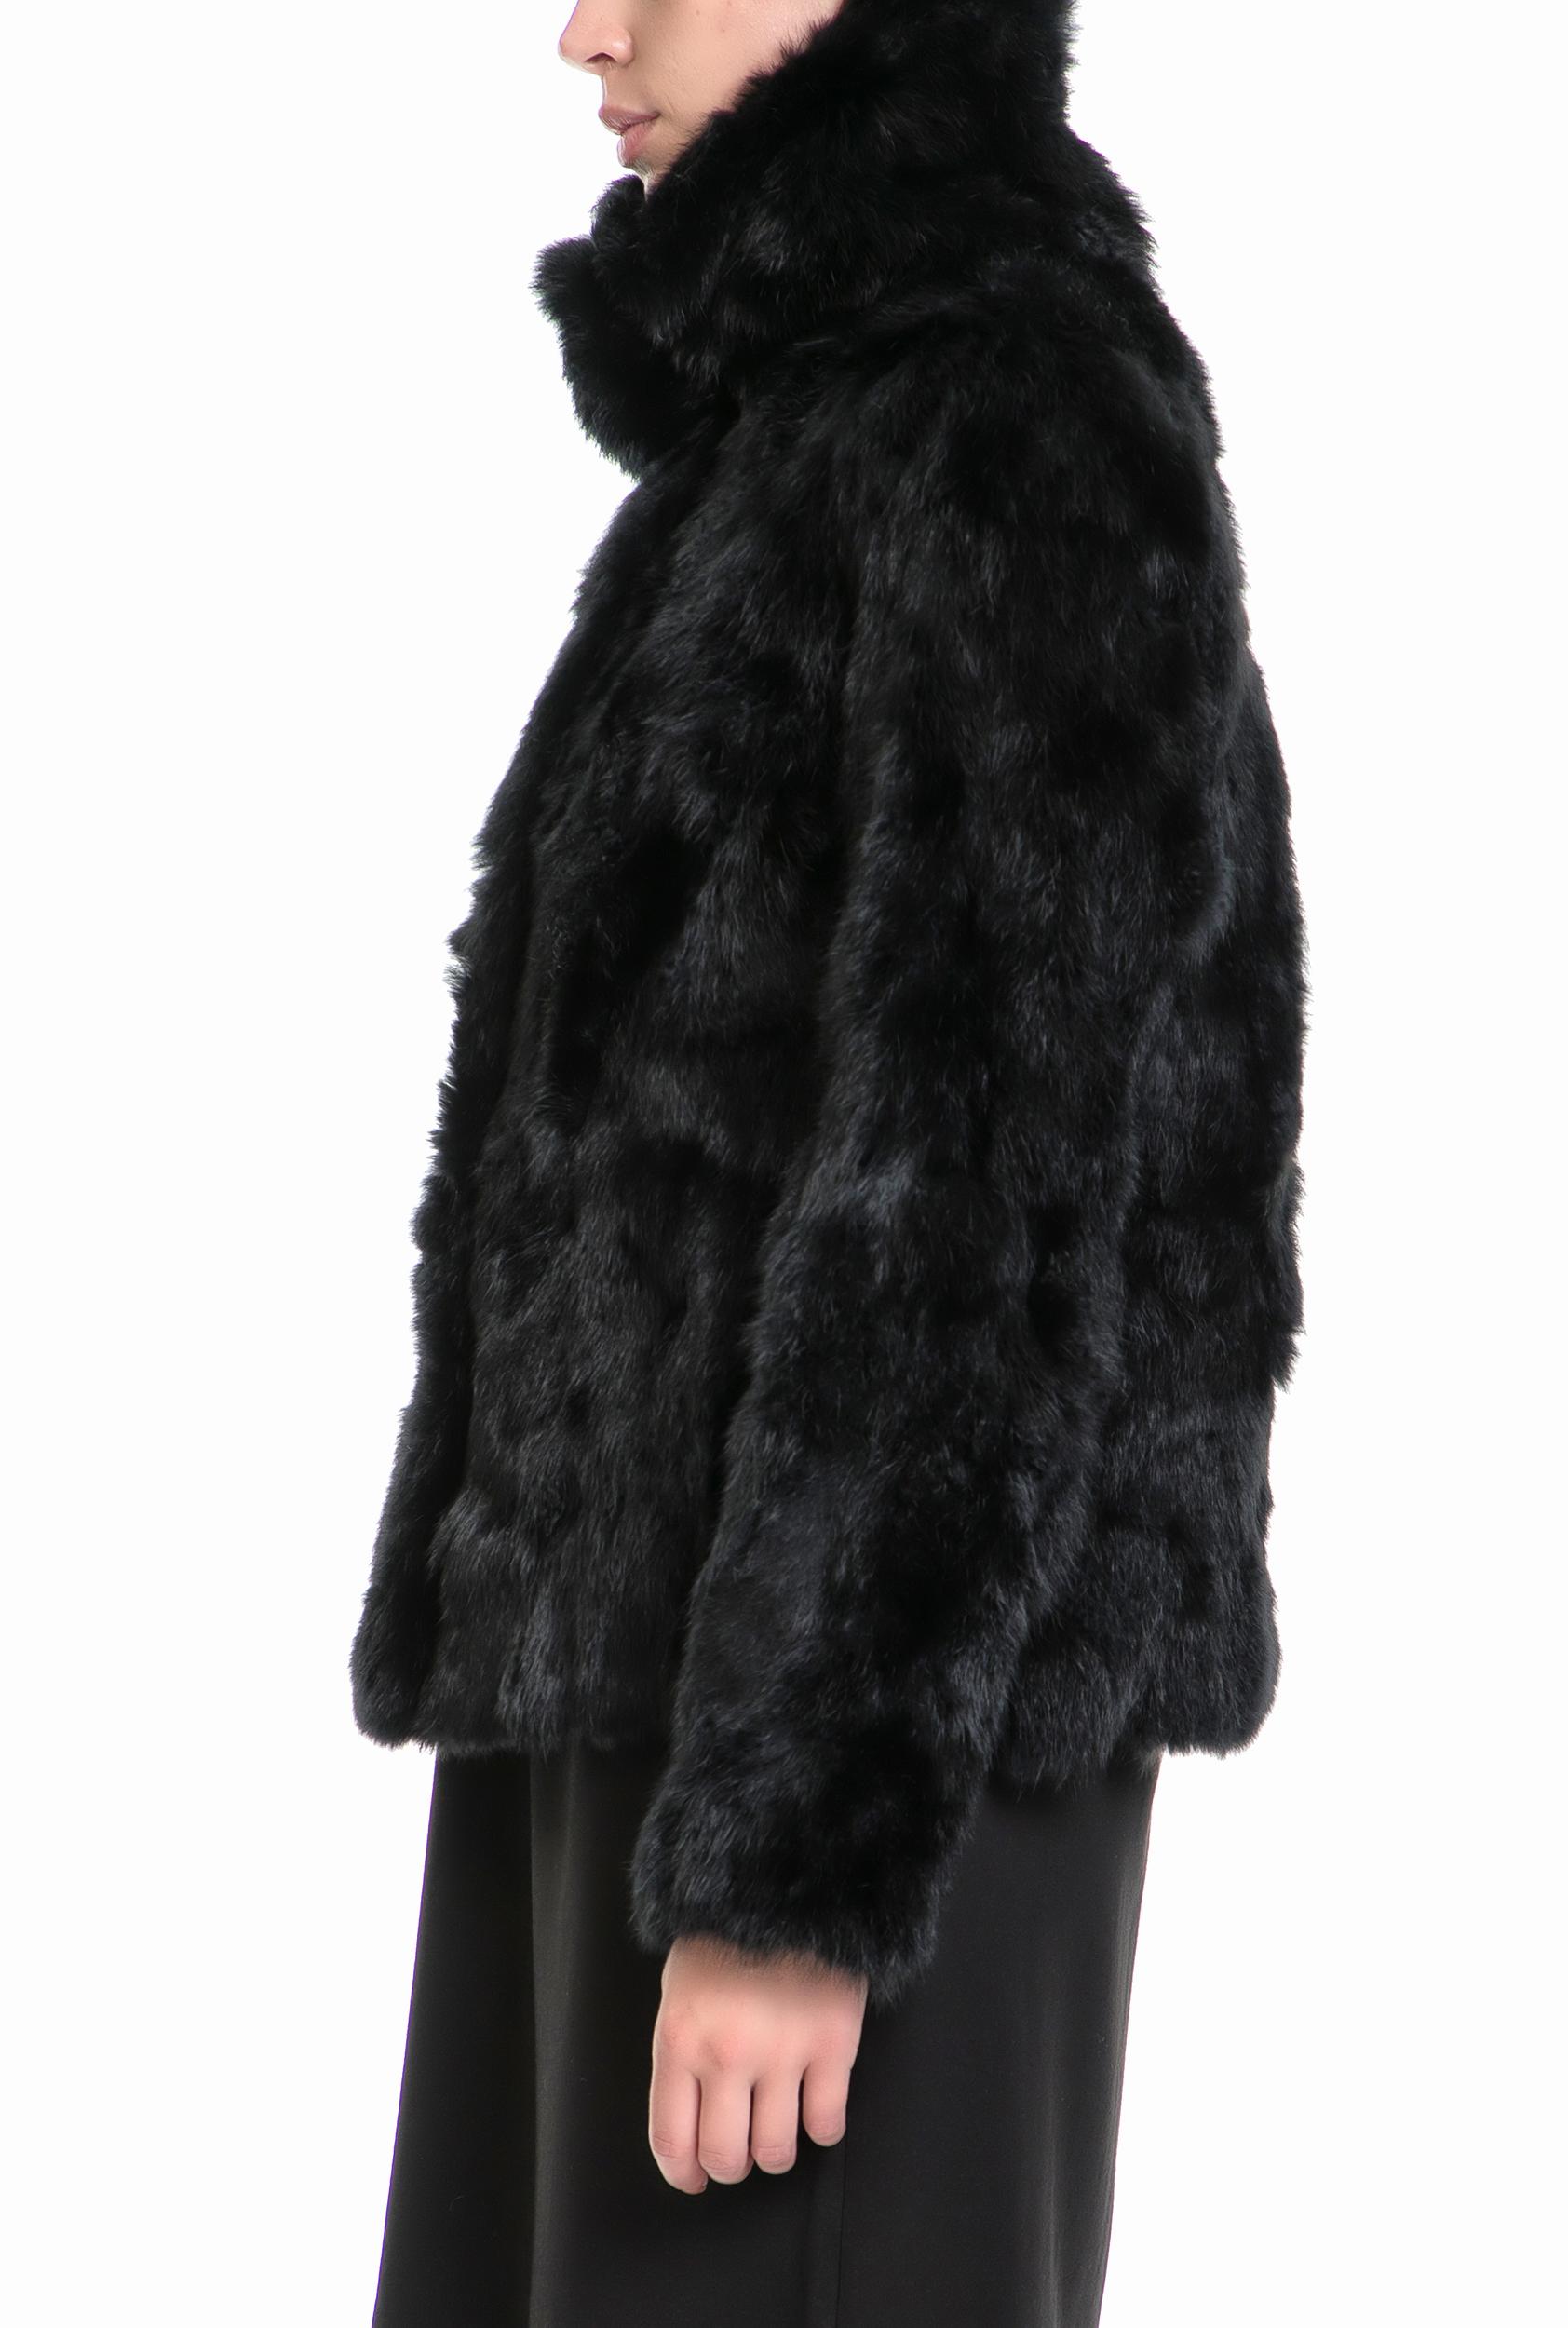 d9f3eace6ffd GAS - Γυναικείο παλτό CAPO SPALLA PELLE DELIZIA GAS μαύρο